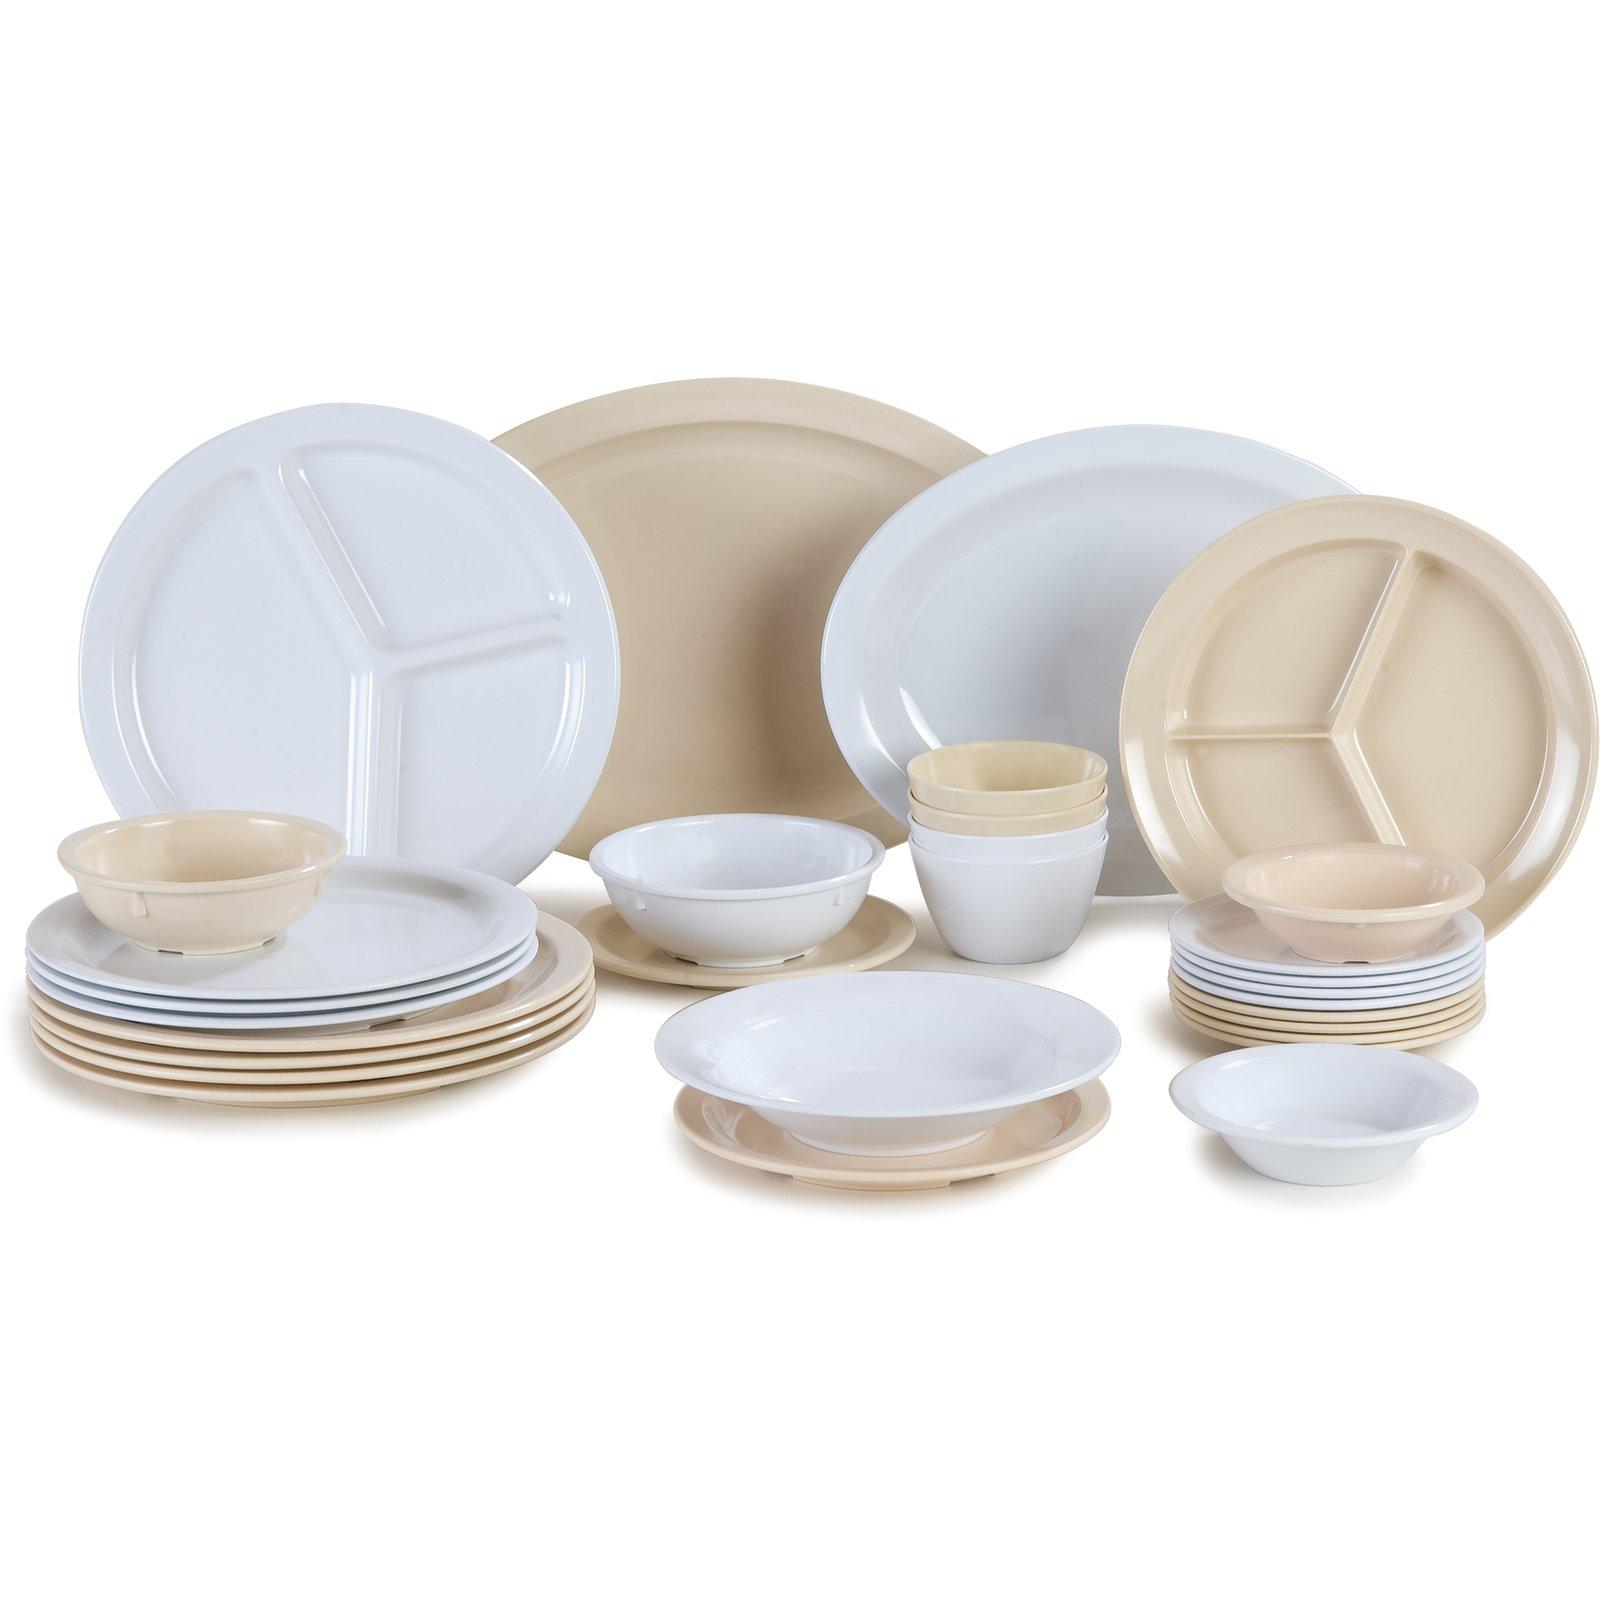 KL11602 - Kingline™ Melamine Dinner Plate 10  - White  sc 1 st  Carlisle FoodService Products & KL11602 - Kingline™ Melamine Dinner Plate 10